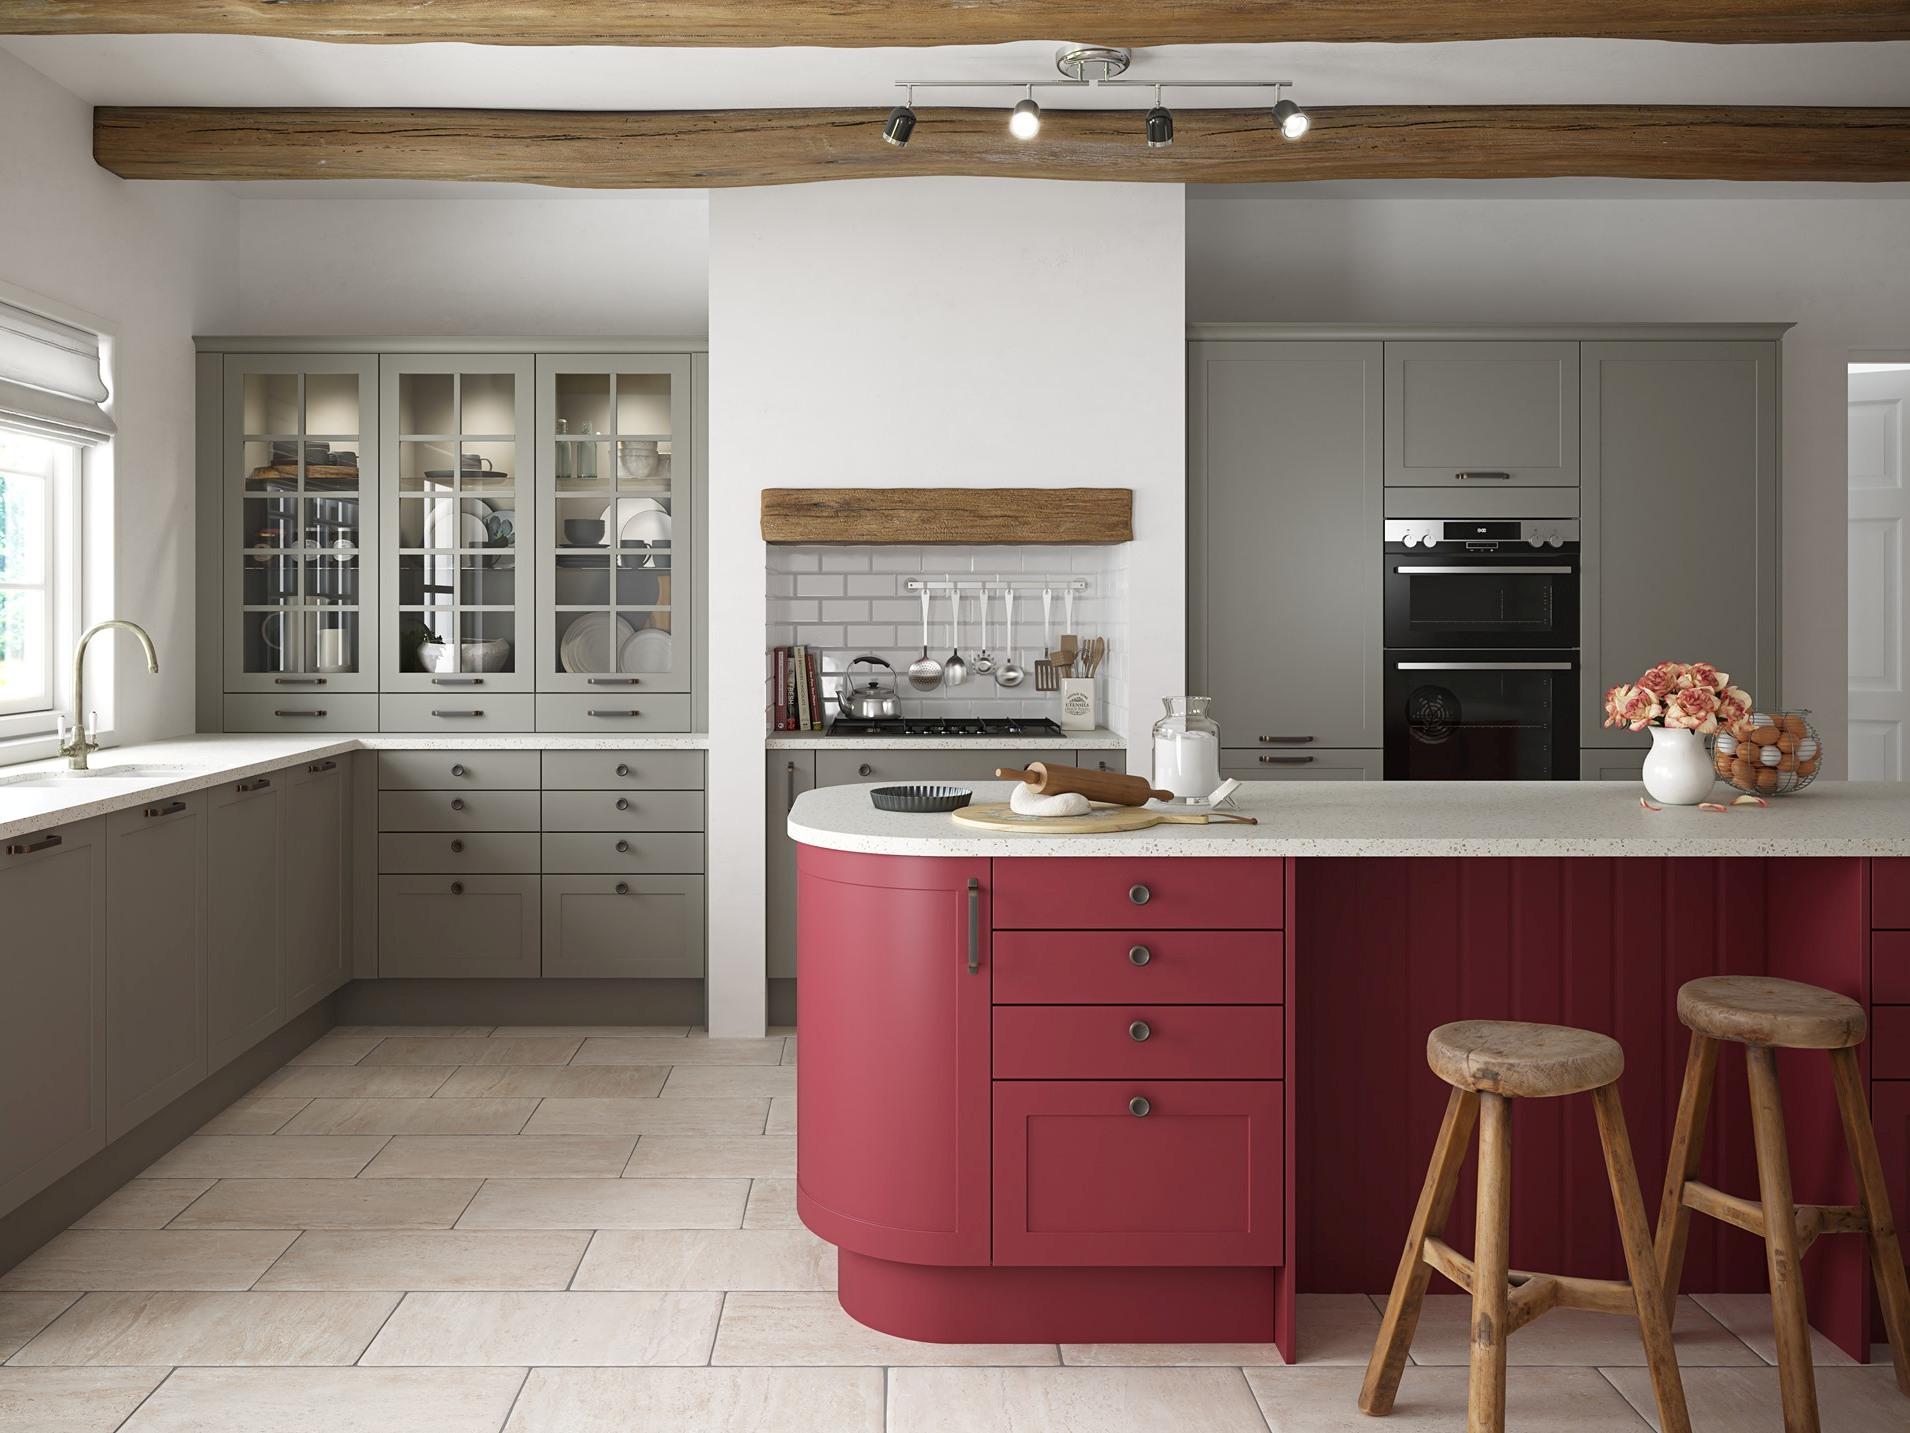 Magnet Kitchens in Caterham Valley, Surrey